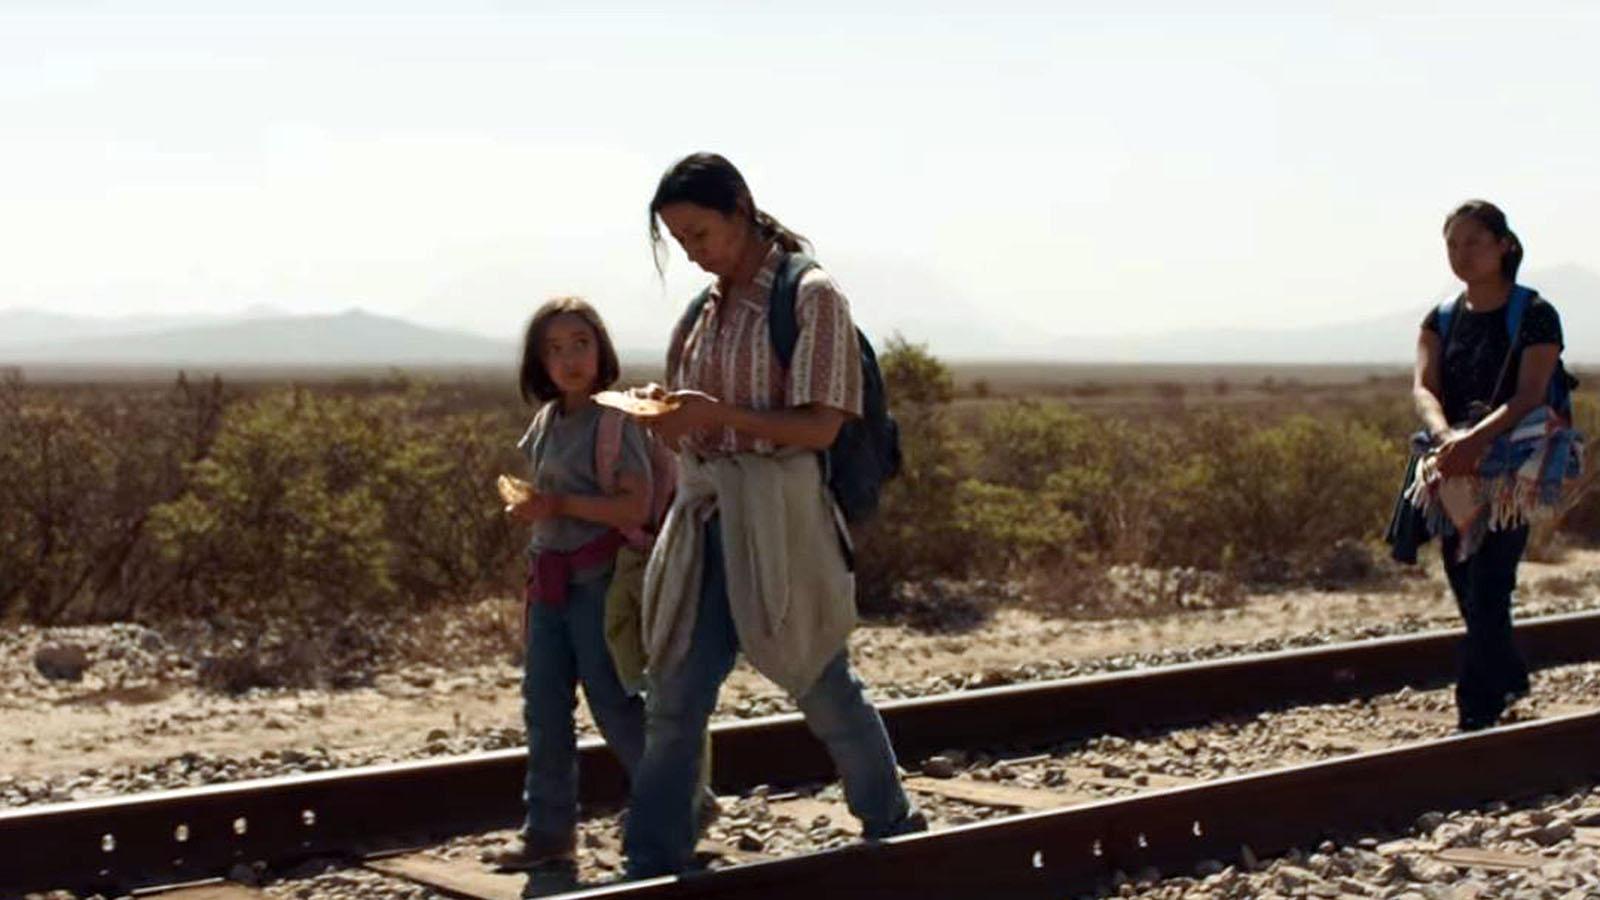 Fotograma del anuncio de 84 Lumber sobre dos emigrantes mexicanas